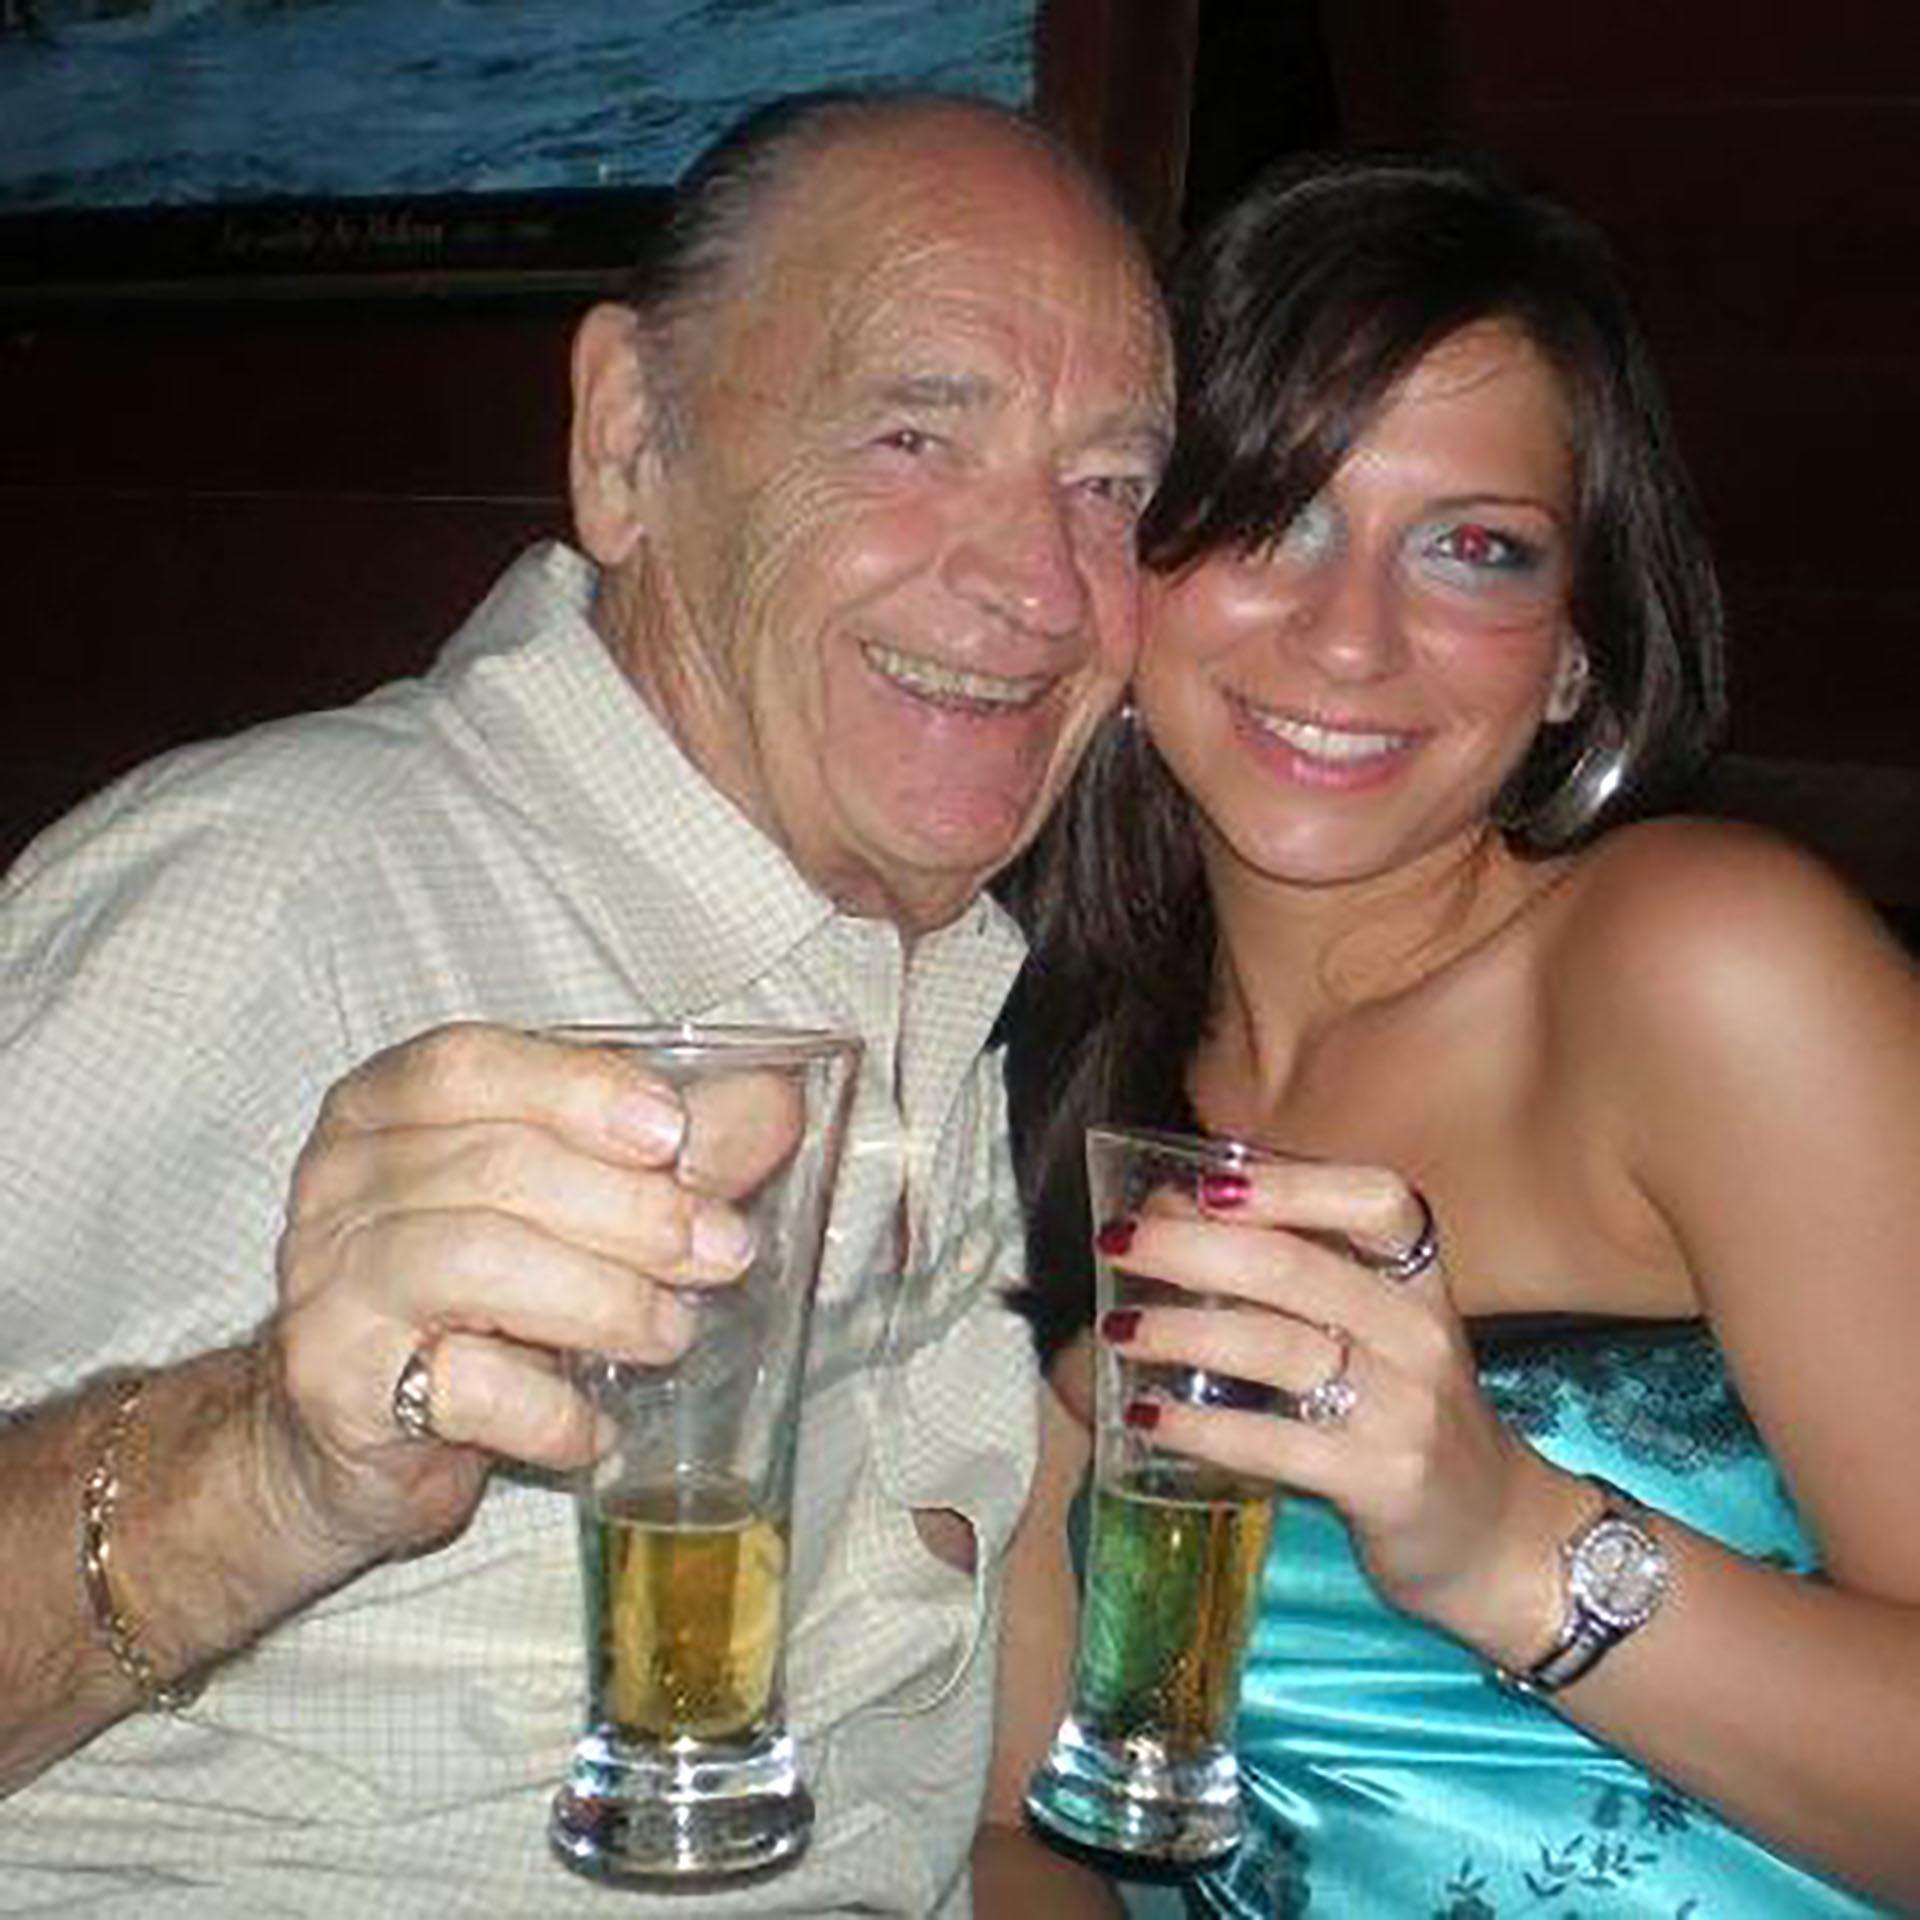 Según los testigos, Ducore bebió cuatro copas de vino durante el vuelo